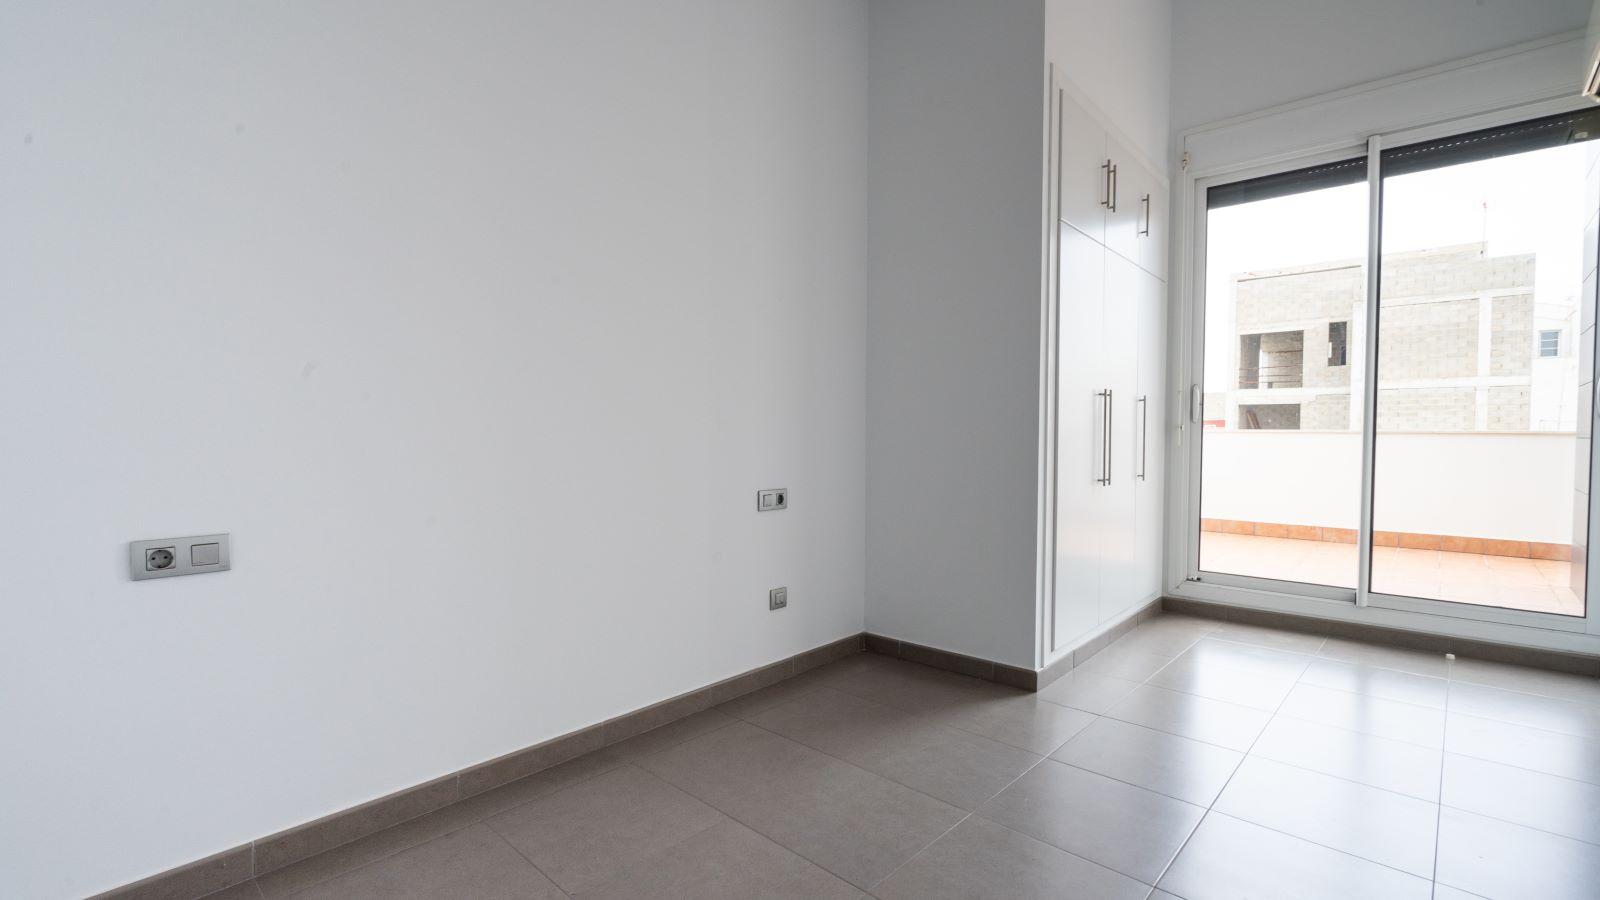 Wohnung in Es Castell Ref: V2138 (16) 4